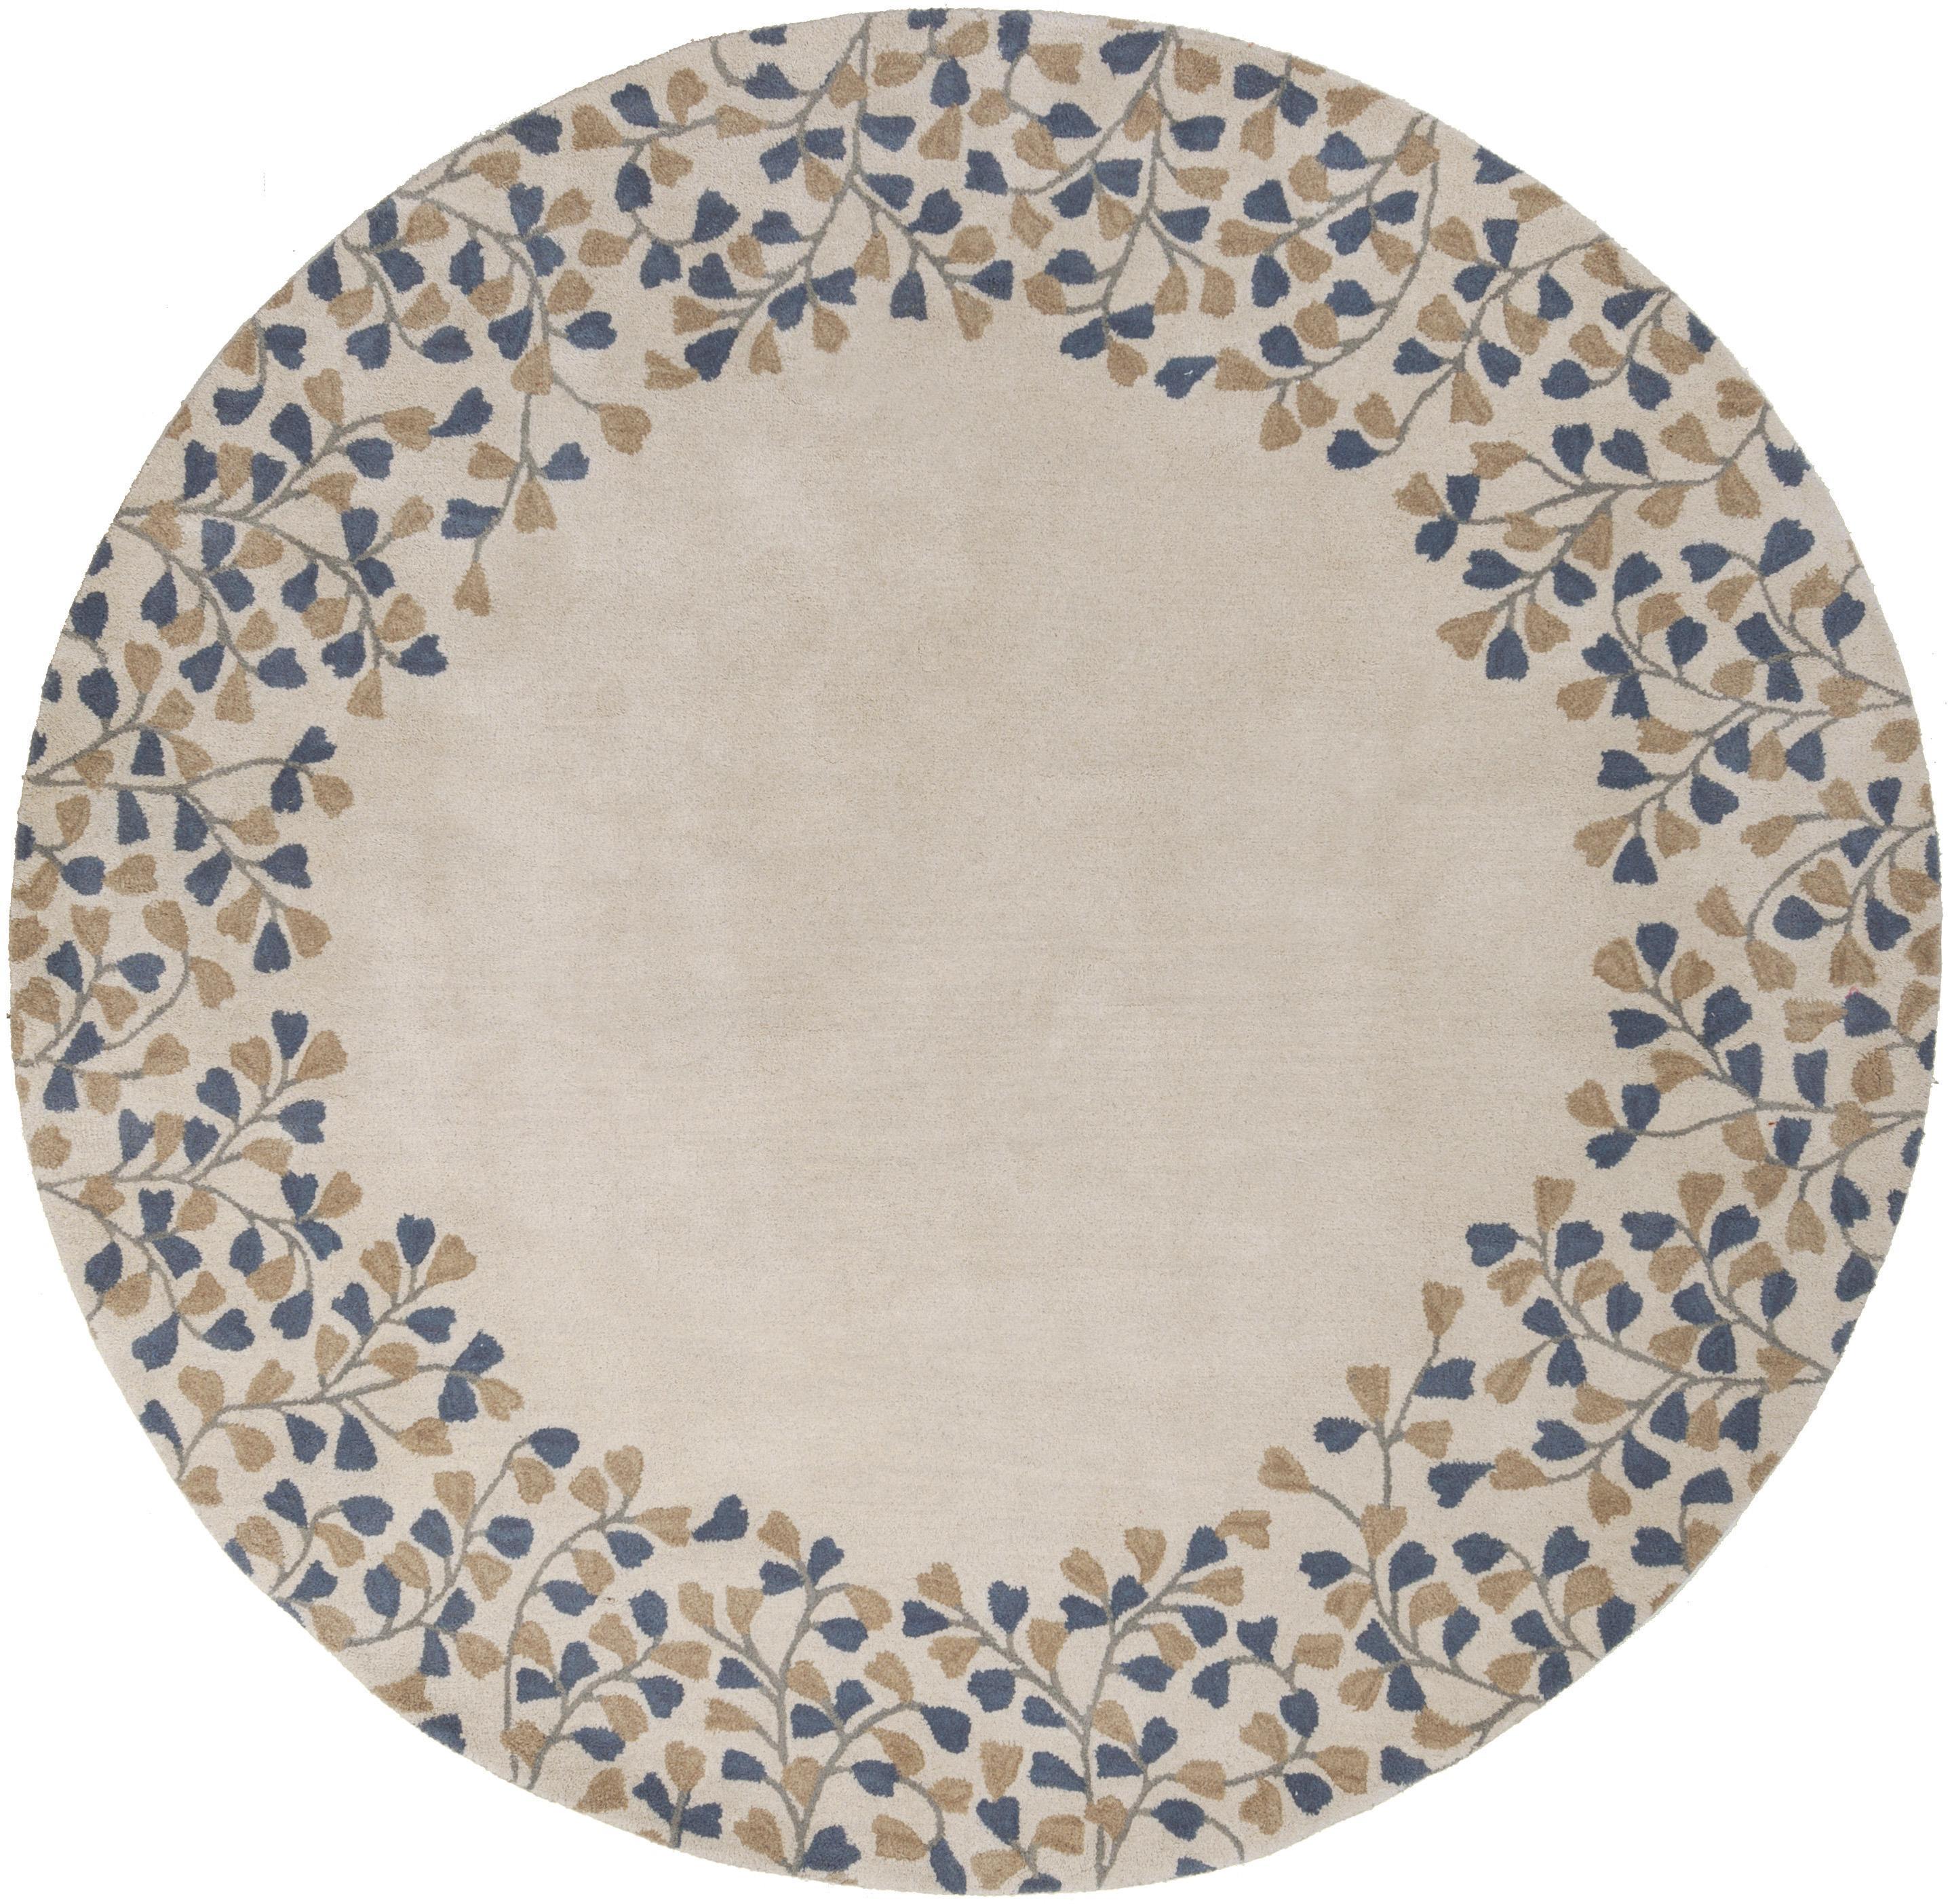 Surya Athena 8' Round - Item Number: ATH5117-8RD